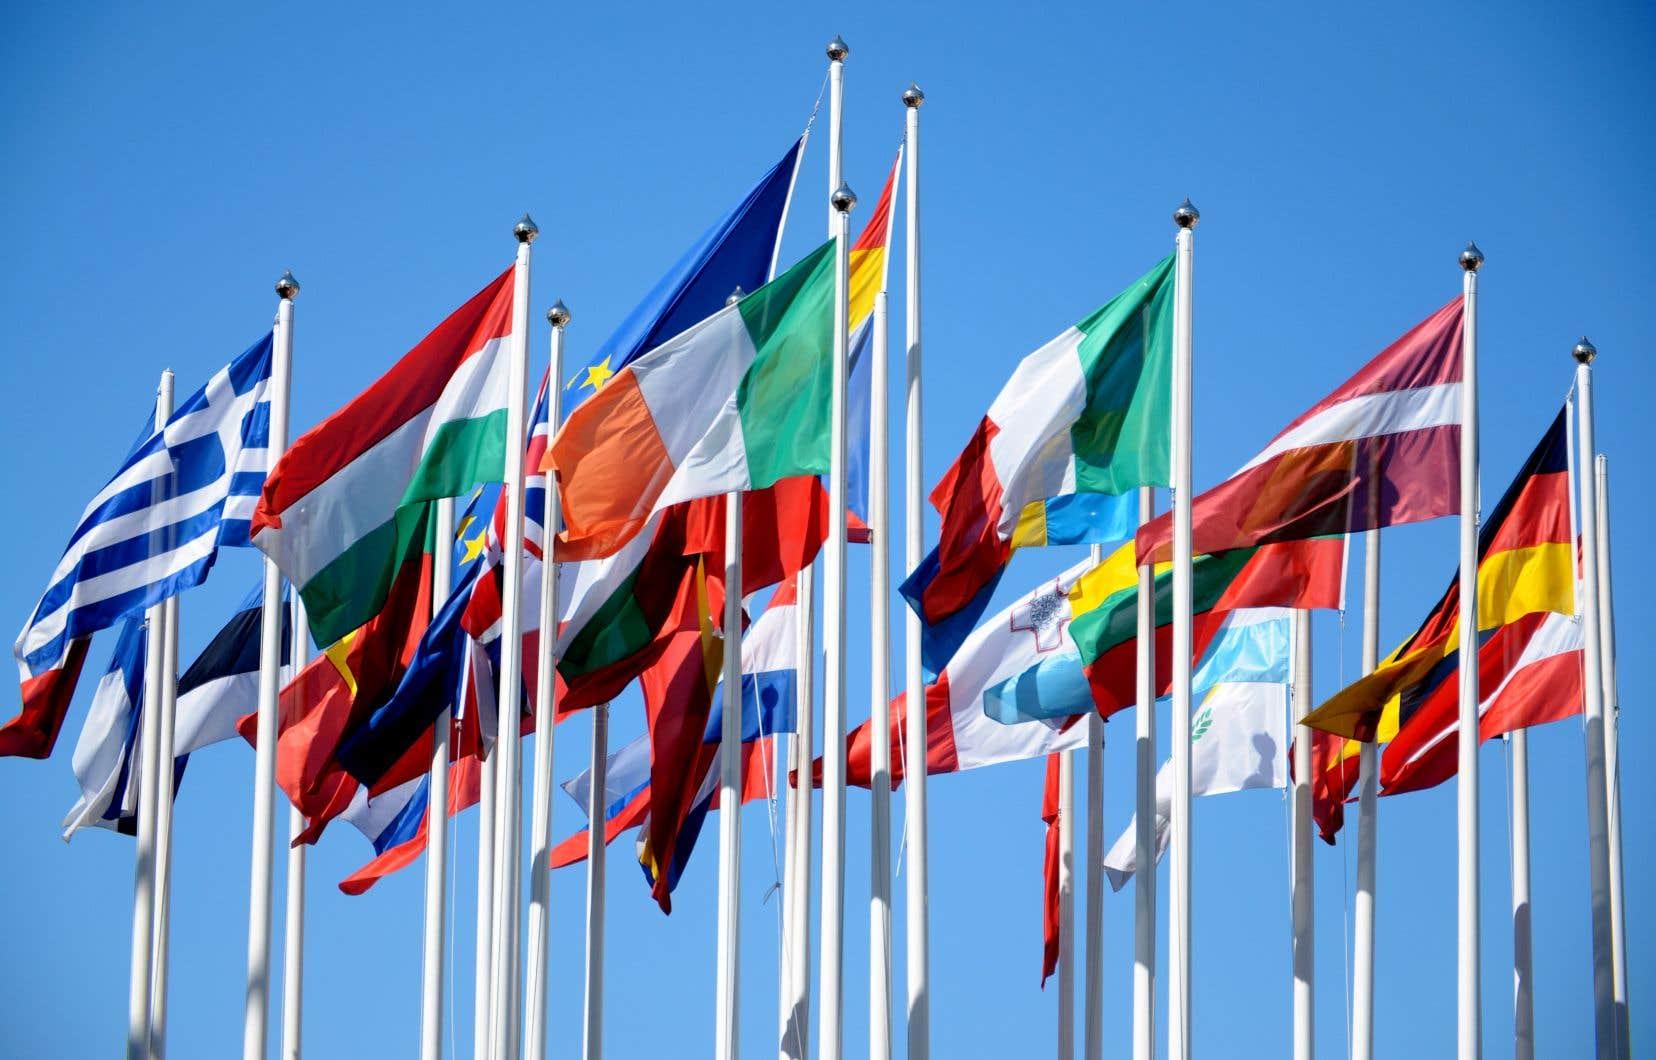 L'objectif de cette réforme, âprement discutée depuis sa présentation en septembre 2016 par l'exécutif européen, est de moderniser le droit d'auteur à l'ère du numérique.